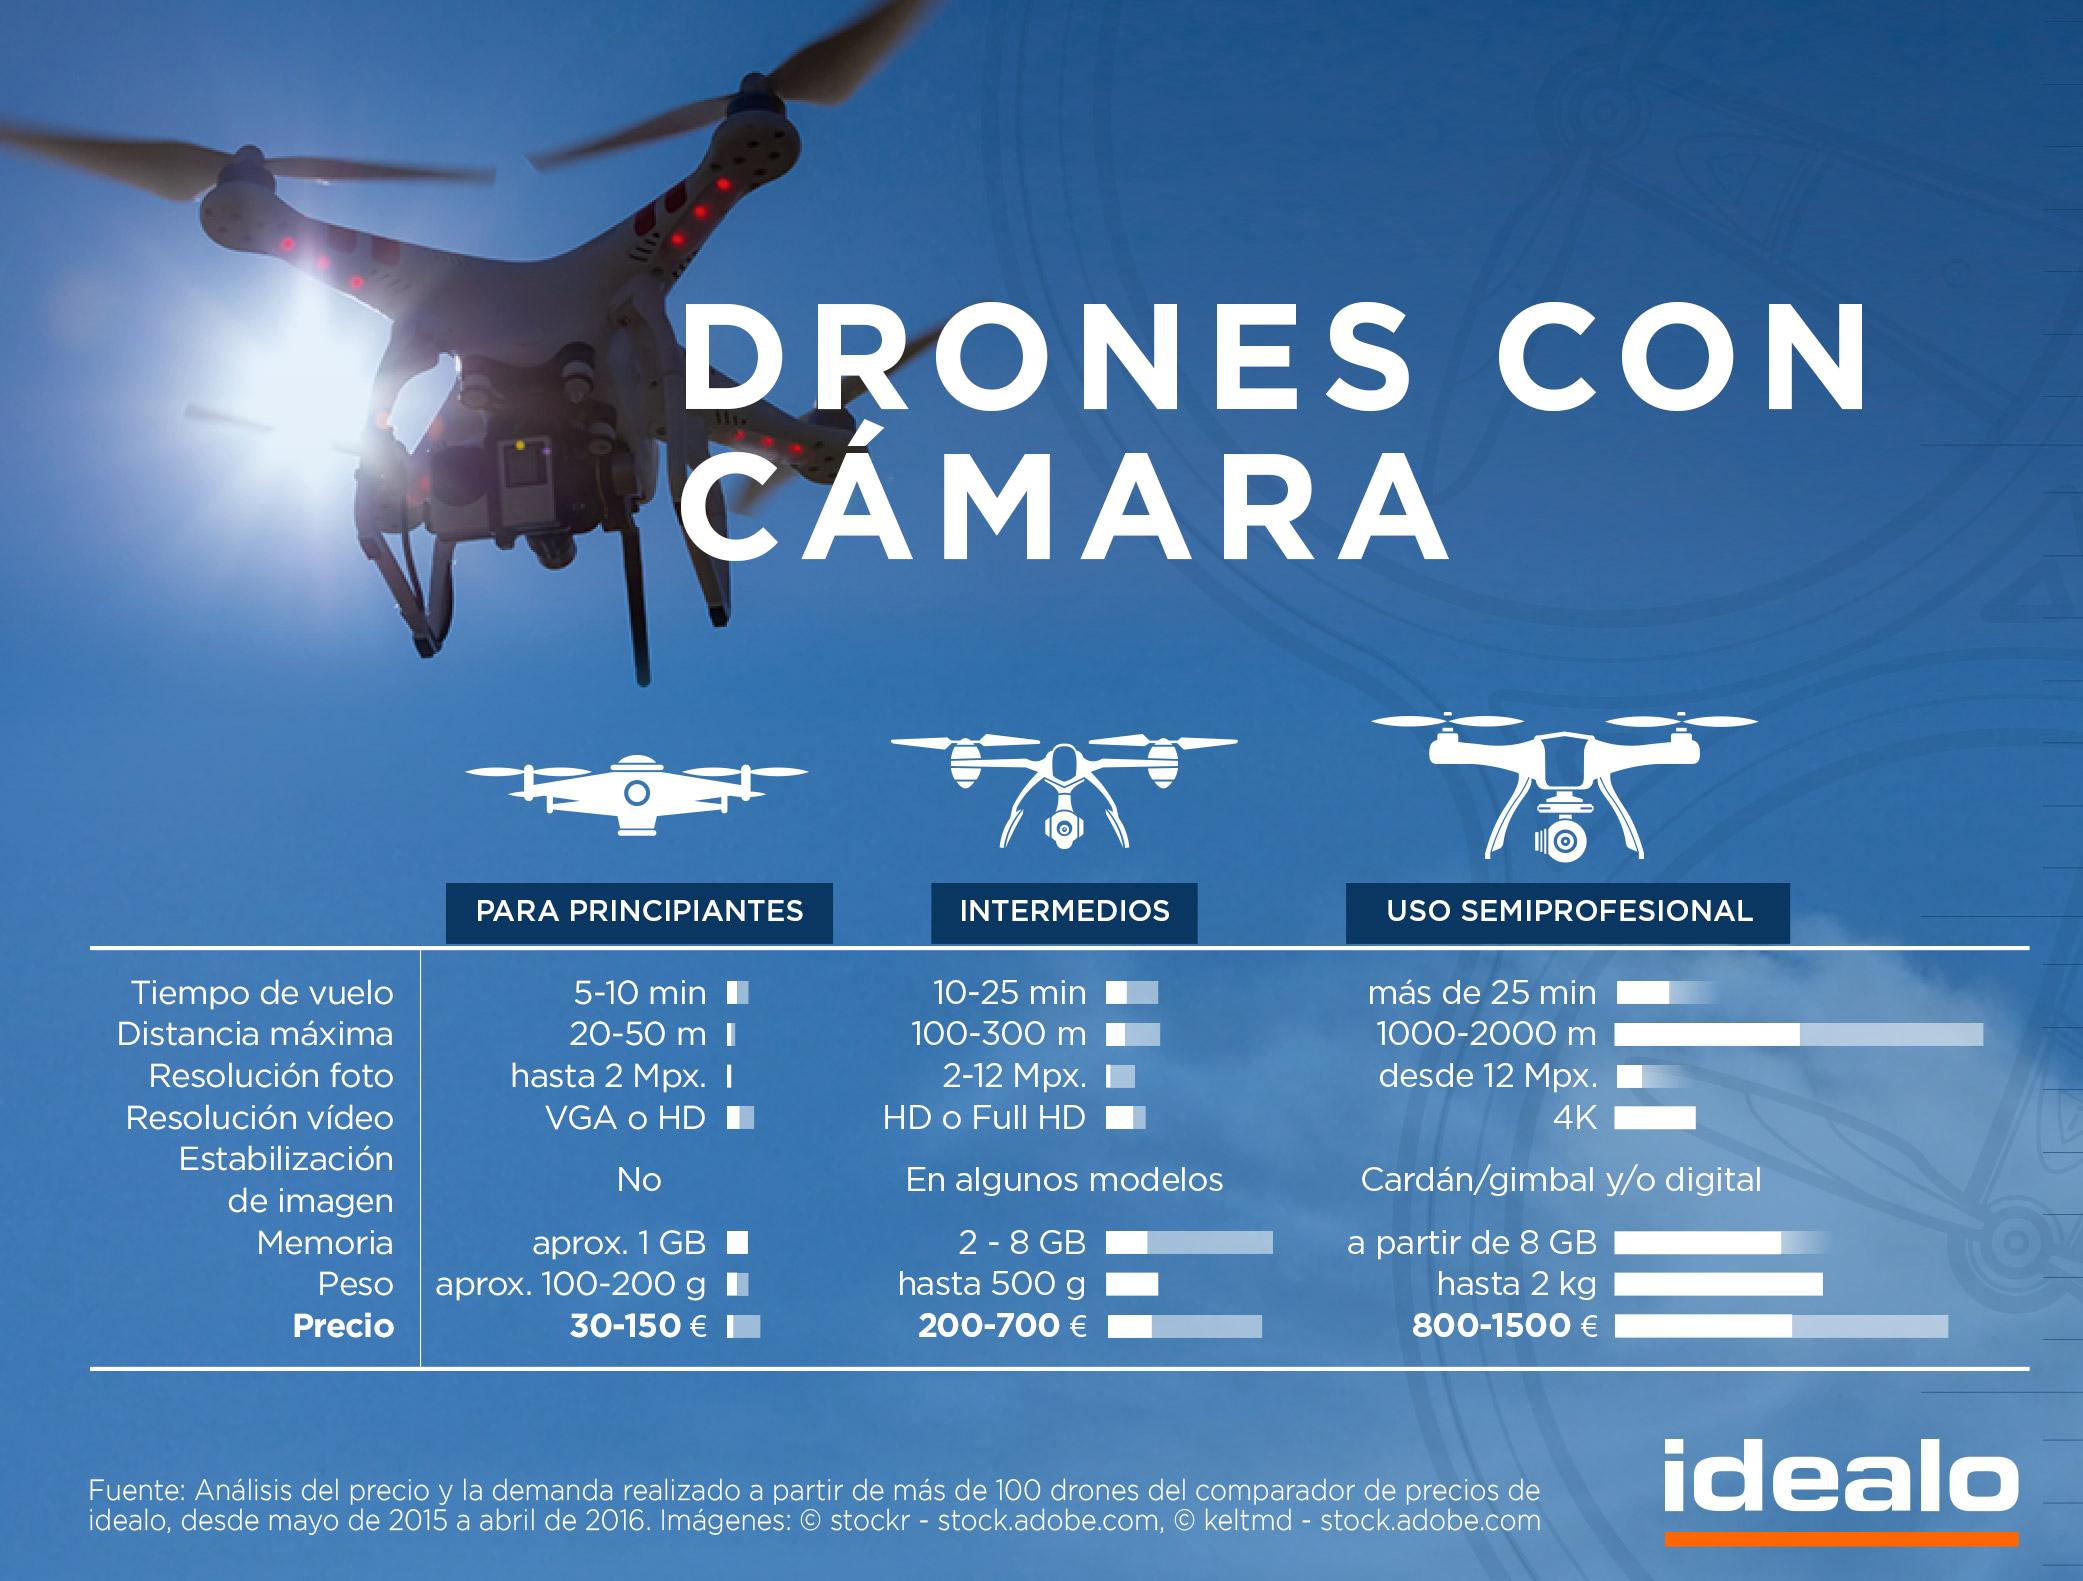 Tabla comparativa de los diferentes tipos de drones con cámara publicada por Idealo en su blog oficial.